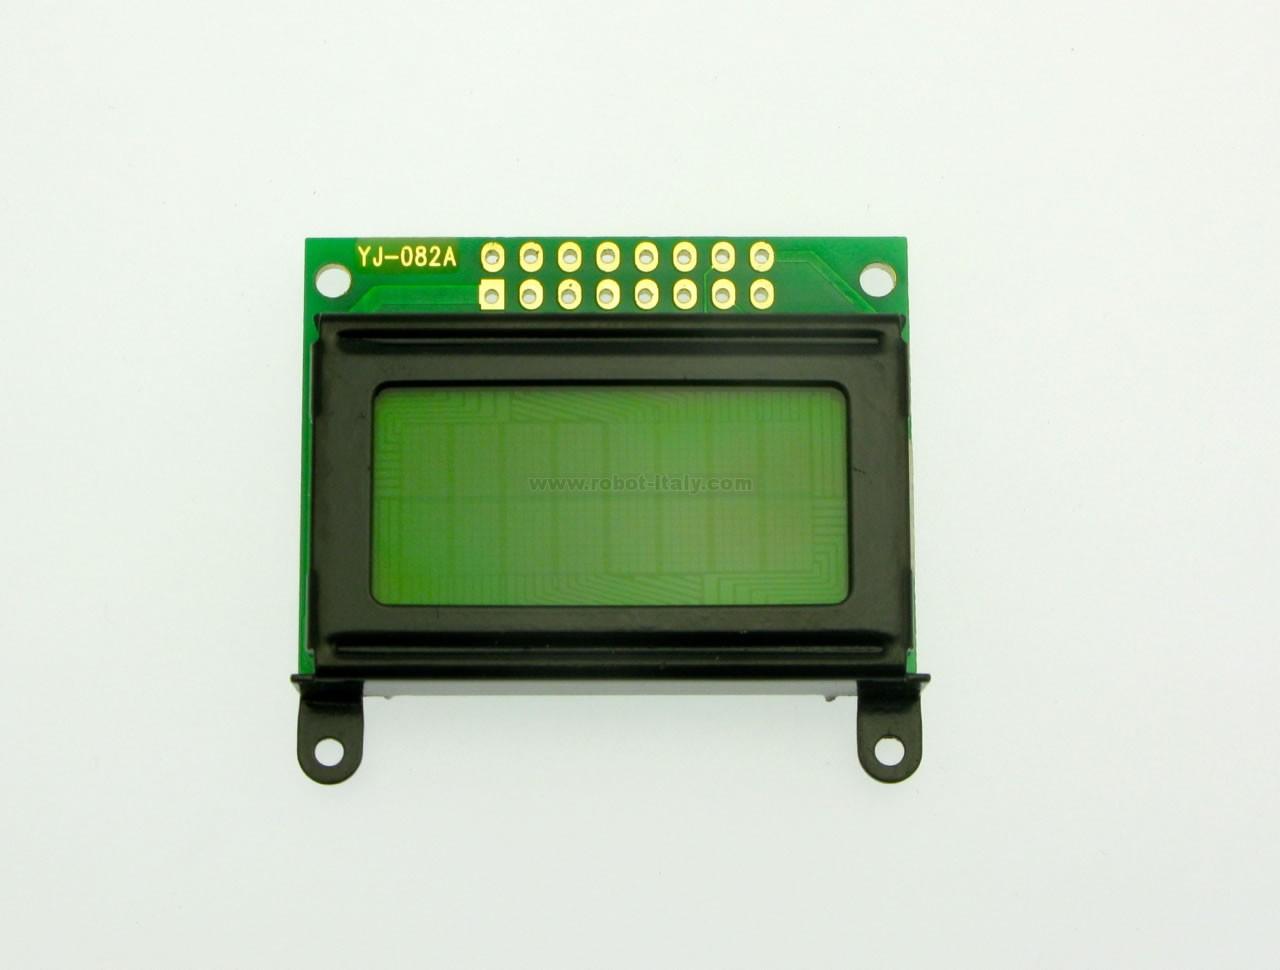 Modulo display lcd per arduino raspberry 20x4 2004 retroilluminato blu hd44780